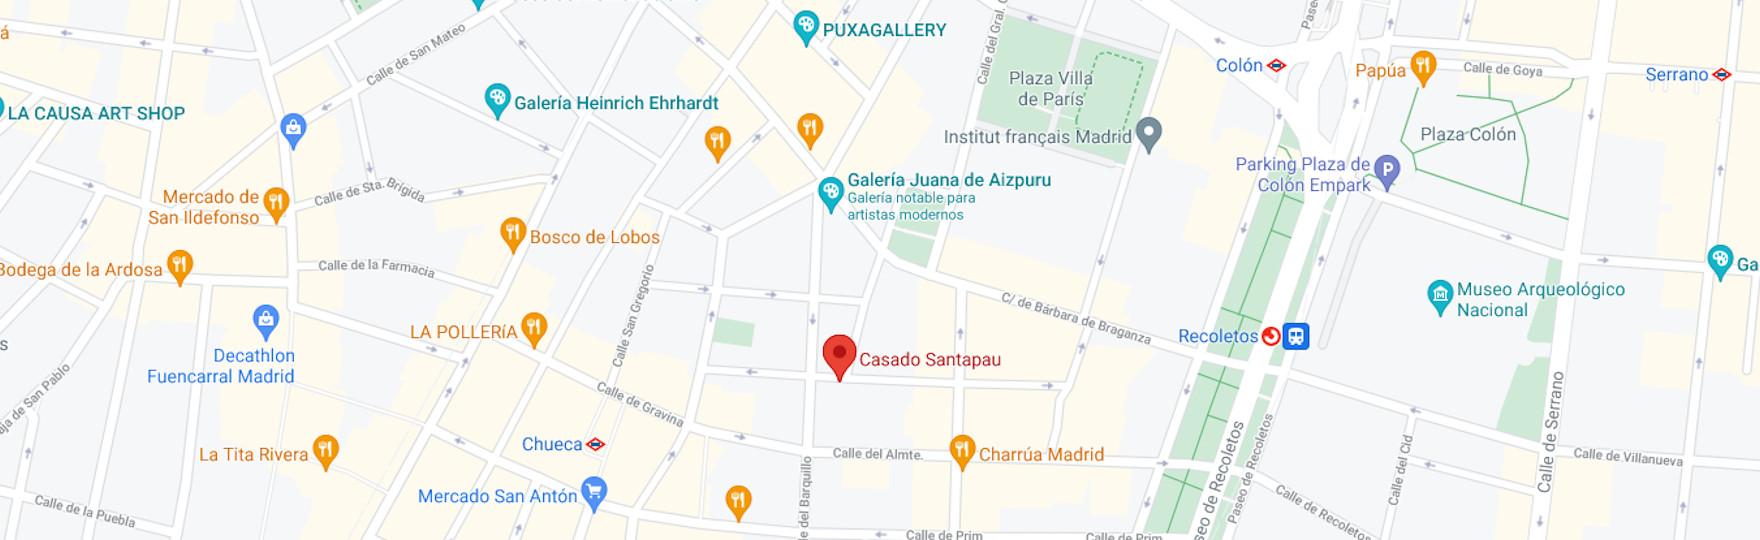 map-casado-2k